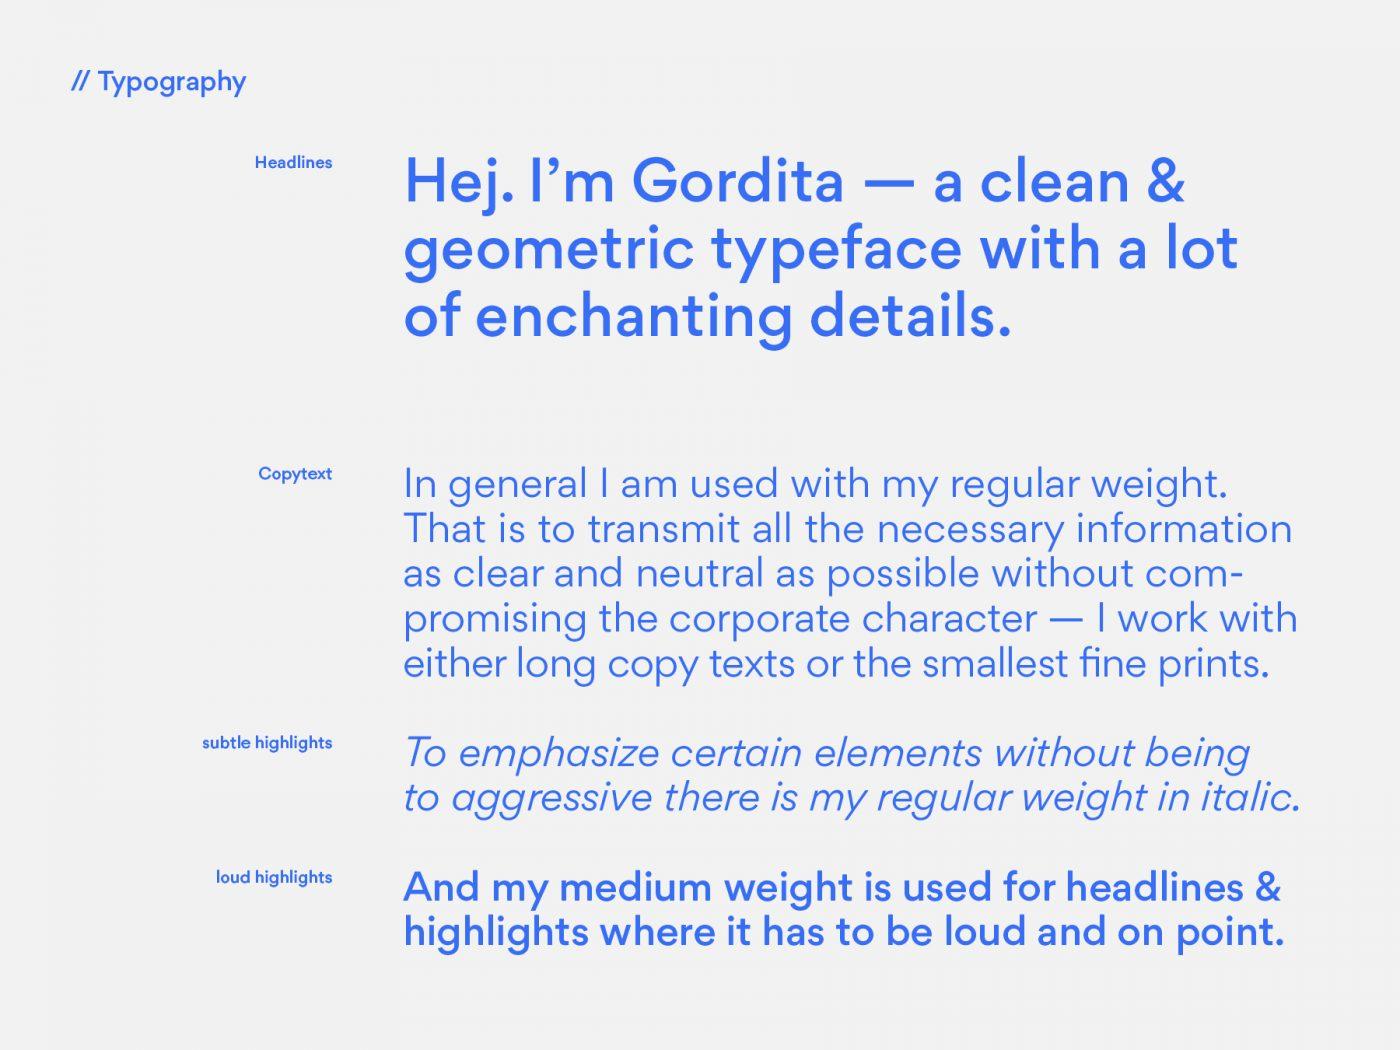 flynex-typo-design-gestaltung-typographie-produktdesign